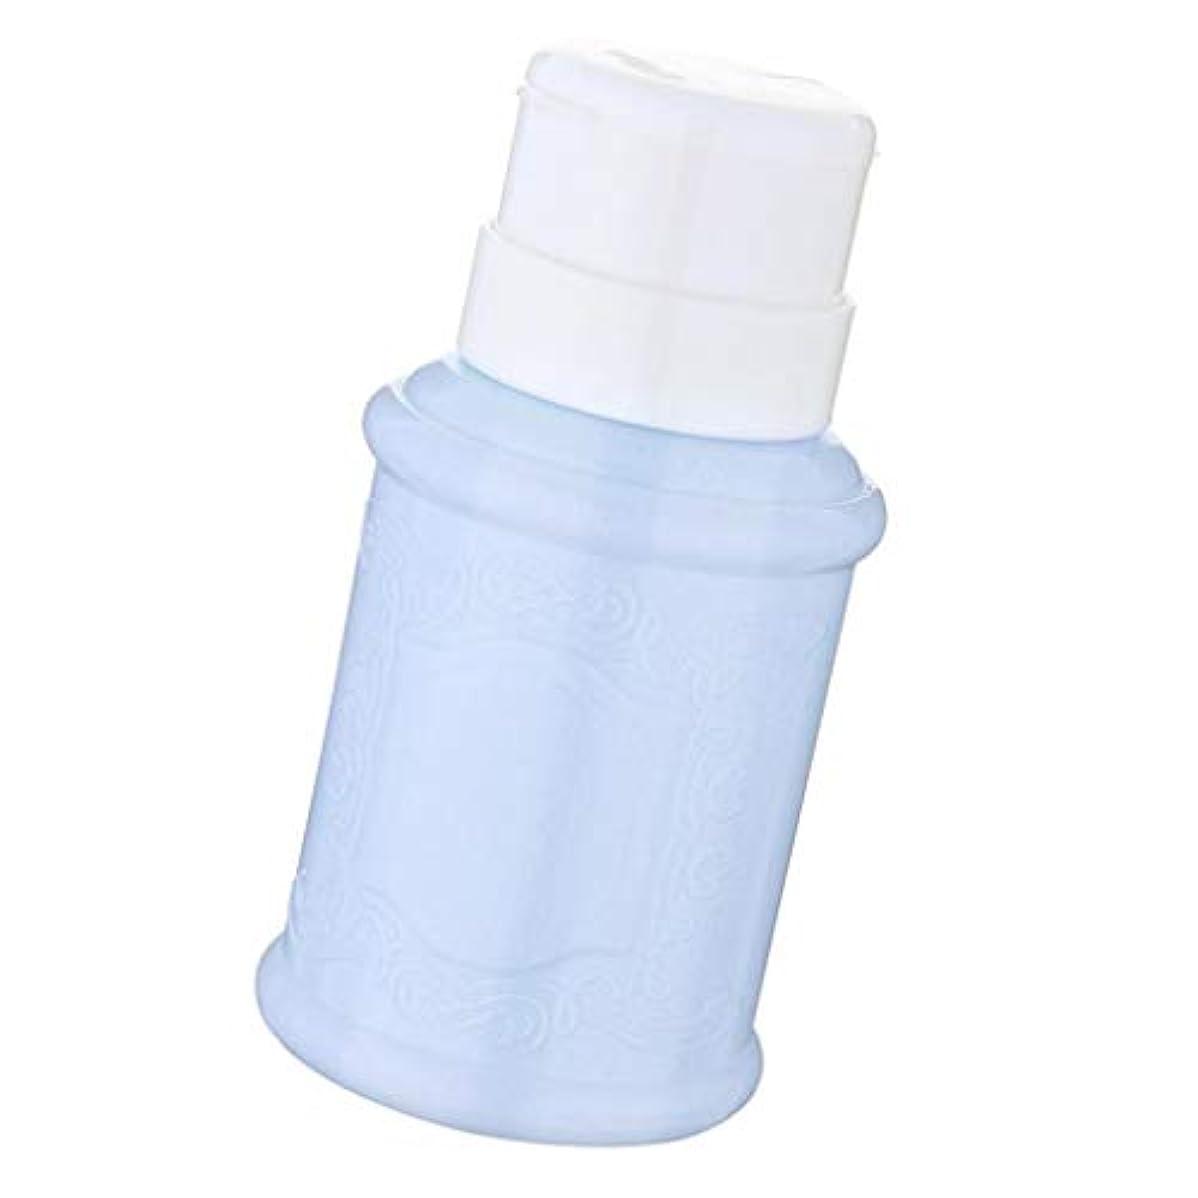 宿題何でもライフルポンプディスペンサー ネイル リットル空ポンプ ネイルクリーナーボトル 全3色 - 青